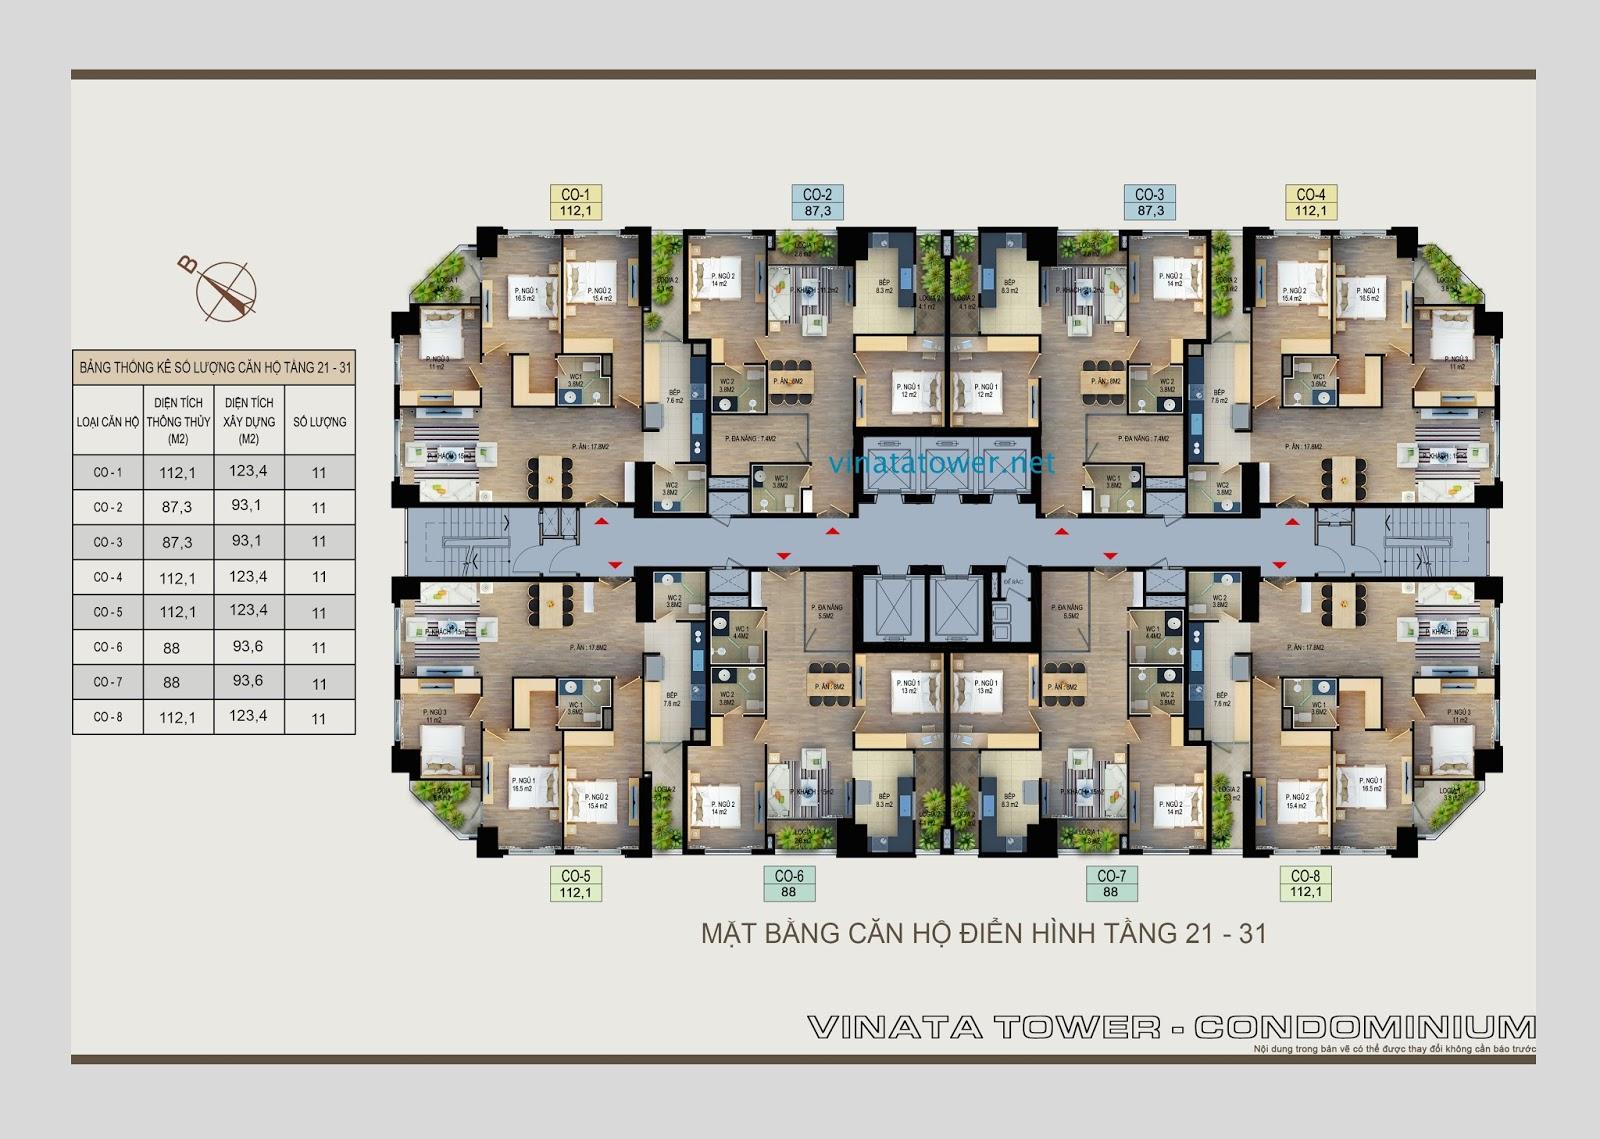 Mặt bằng căn hộ tầng 21 - 31 Vinata Towers